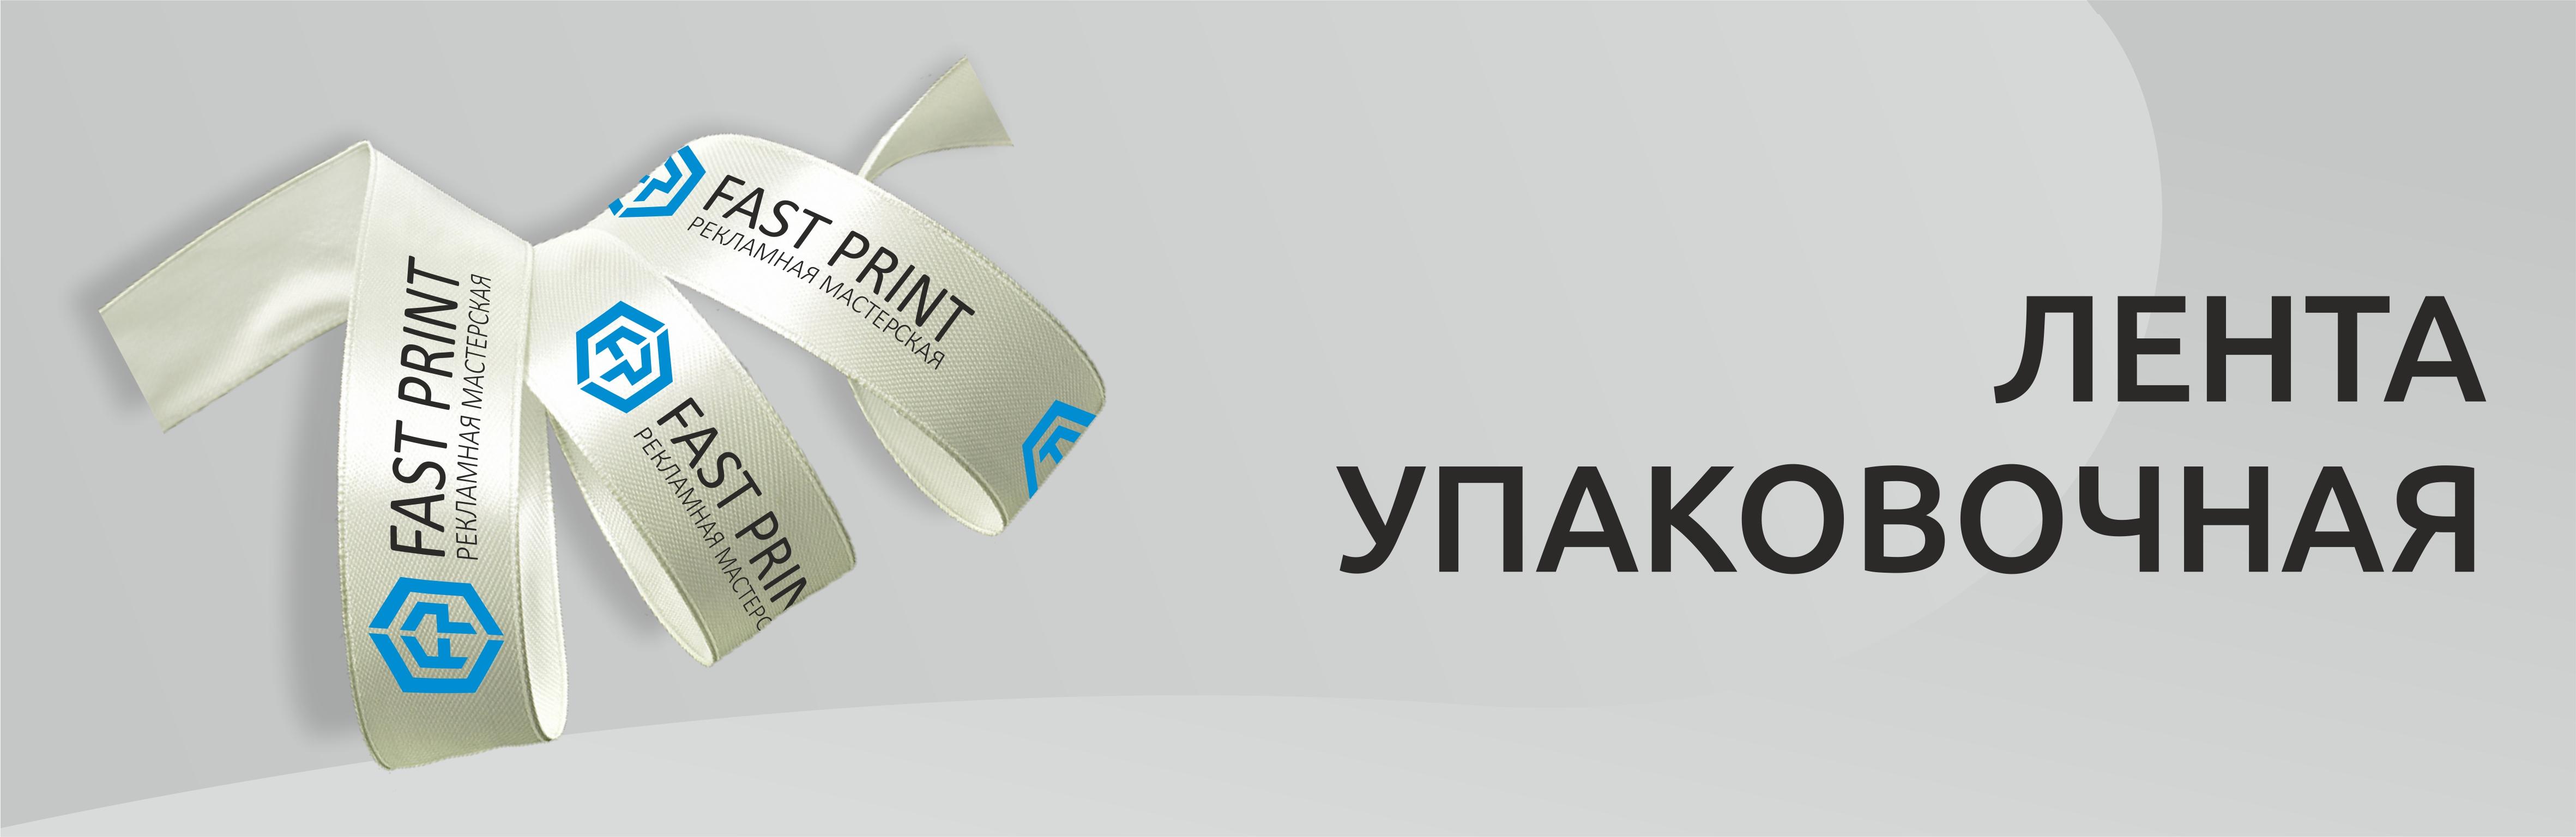 изготовление ленты с логотипом на заказ